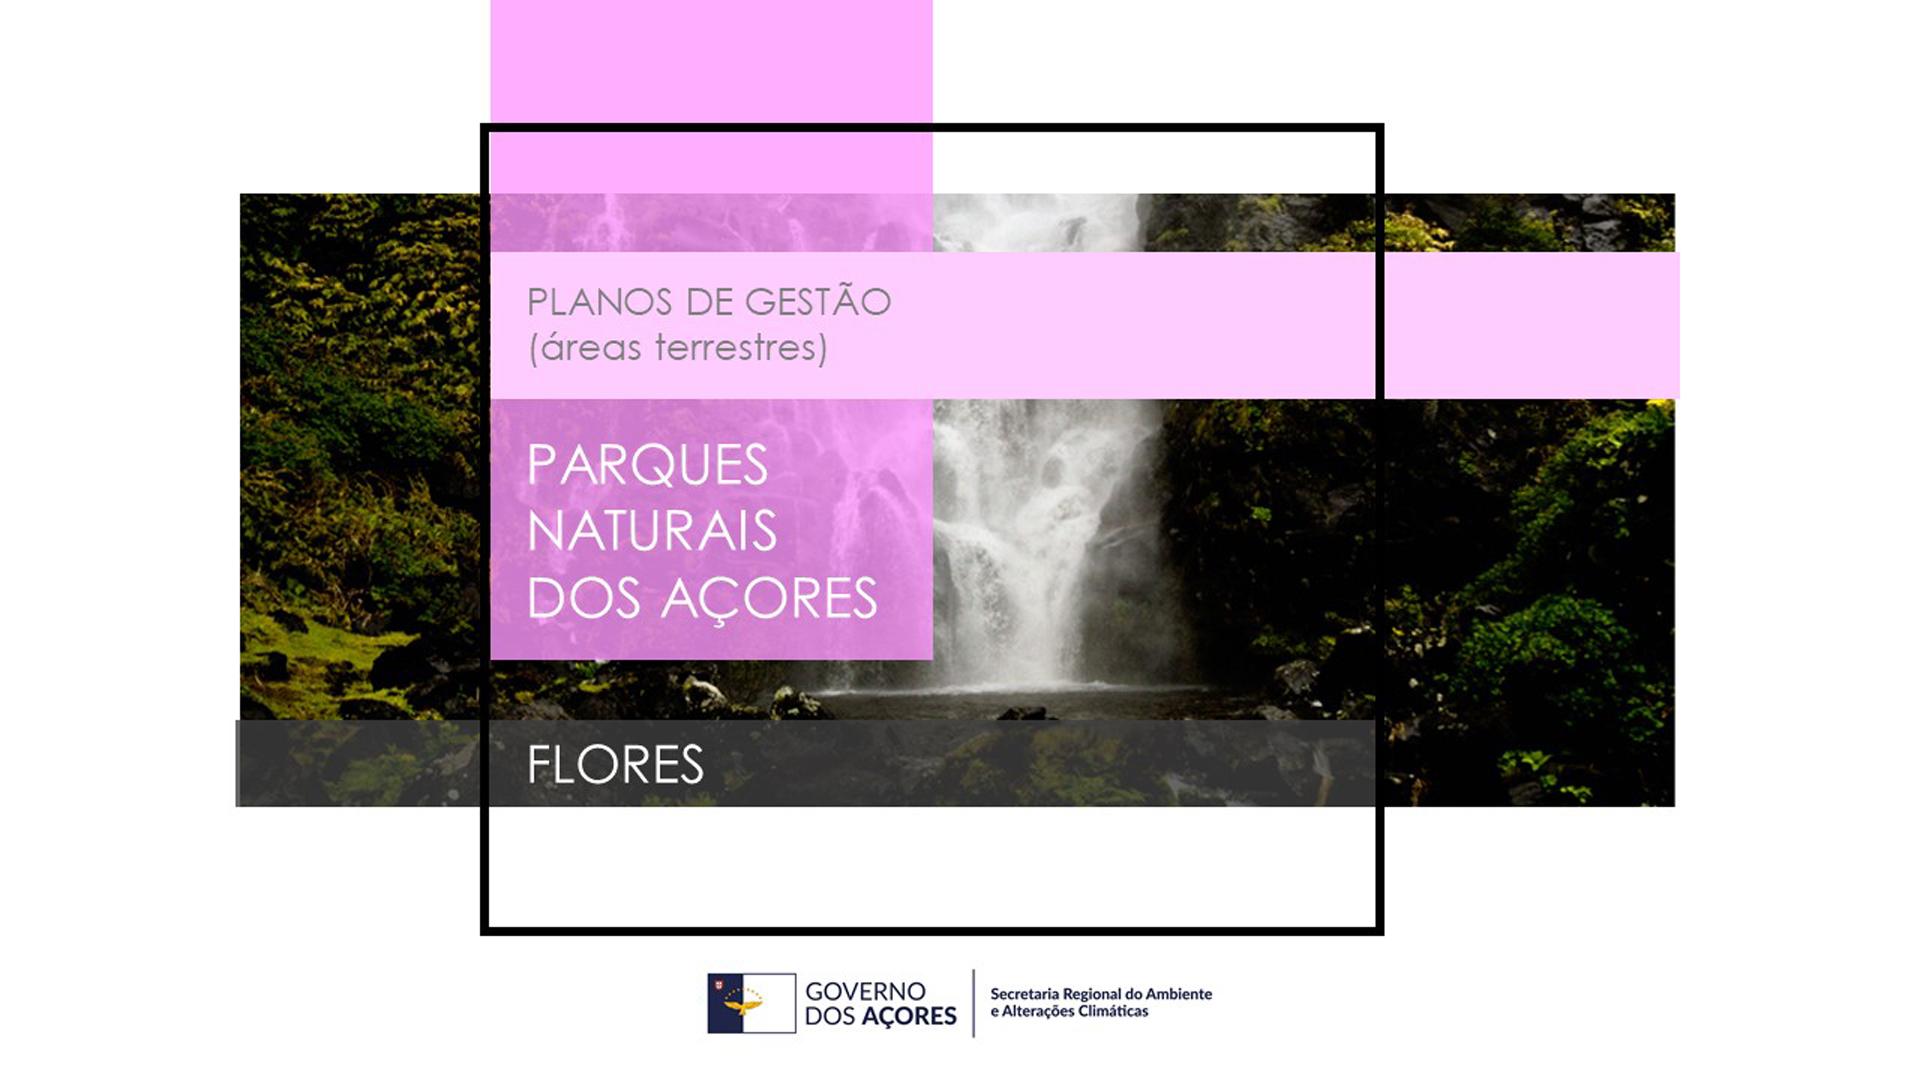 Sessão Pública do Plano de Gestão das Áreas Terrestres do Parque Natural da Ilha das Flores na terça-feira em Santa Cruz